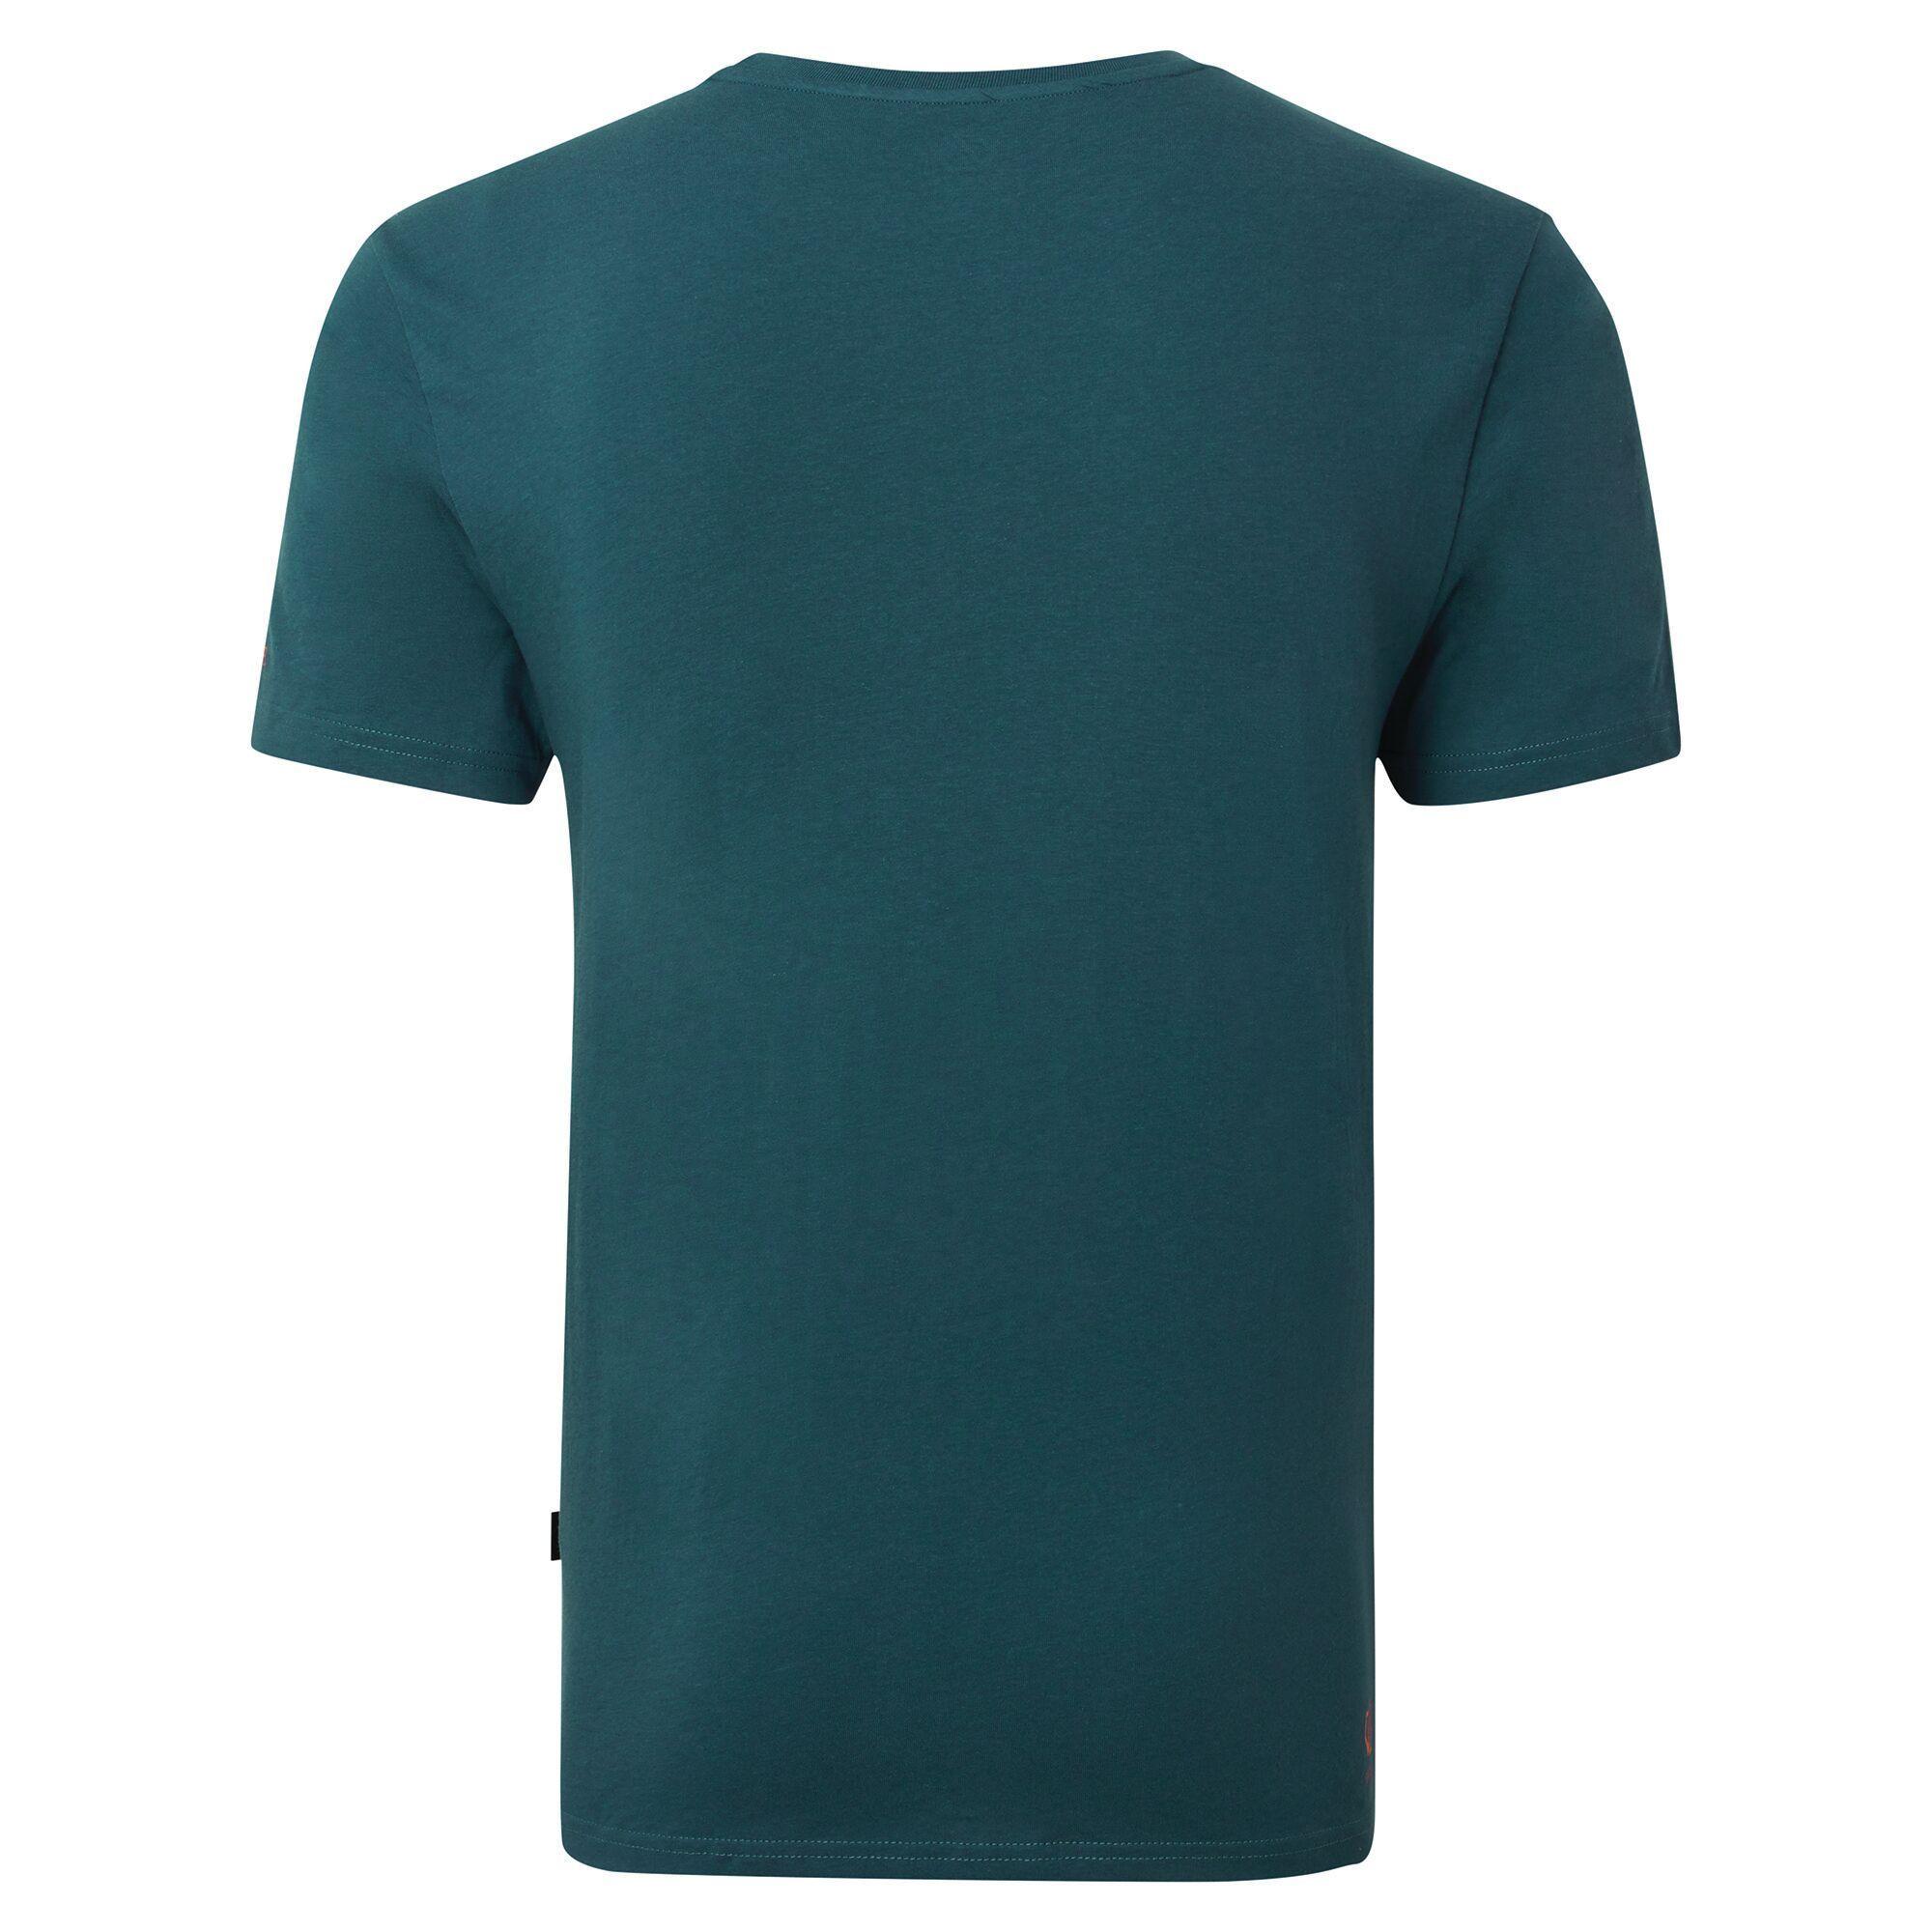 miniature 13 - Dare 2B - T-shirt imprimé STRINGENT - Homme (RG5022)